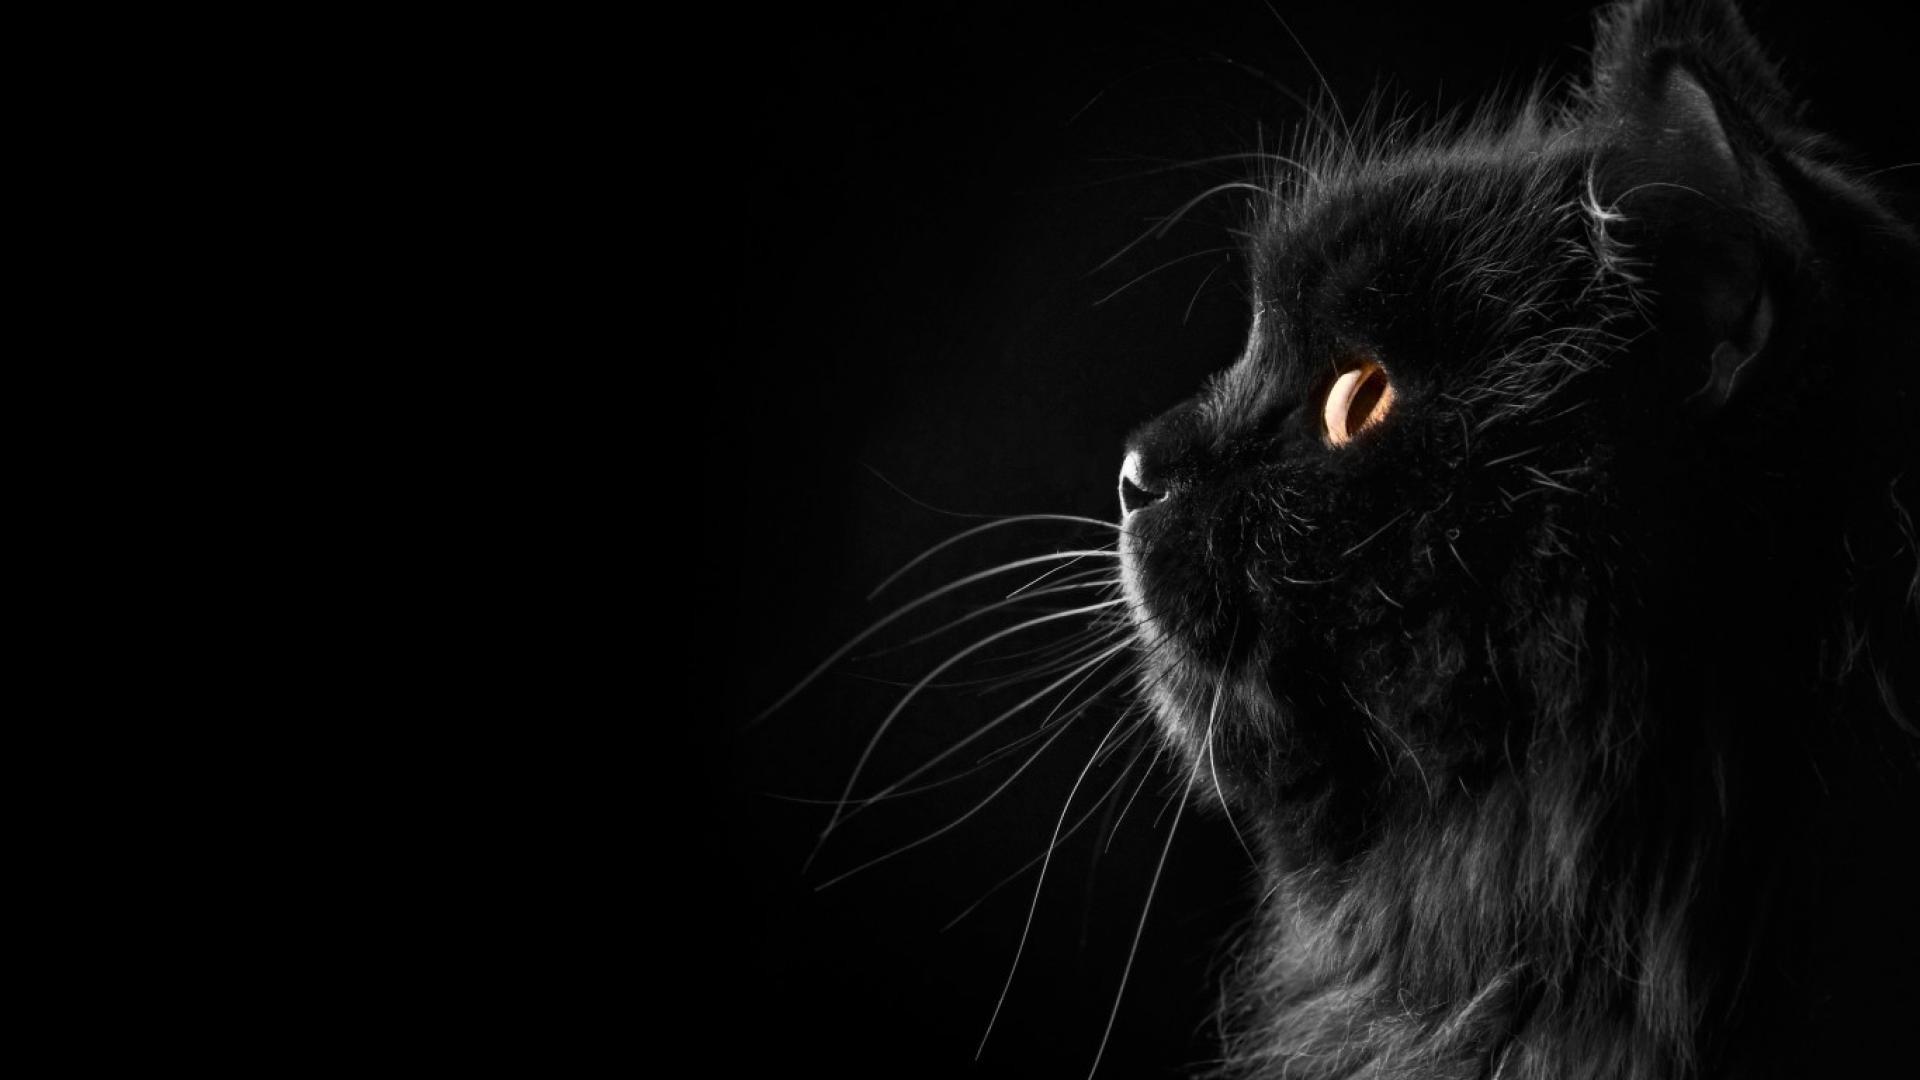 обои на рабочий стол черные кошки на черном фоне № 154862  скачать